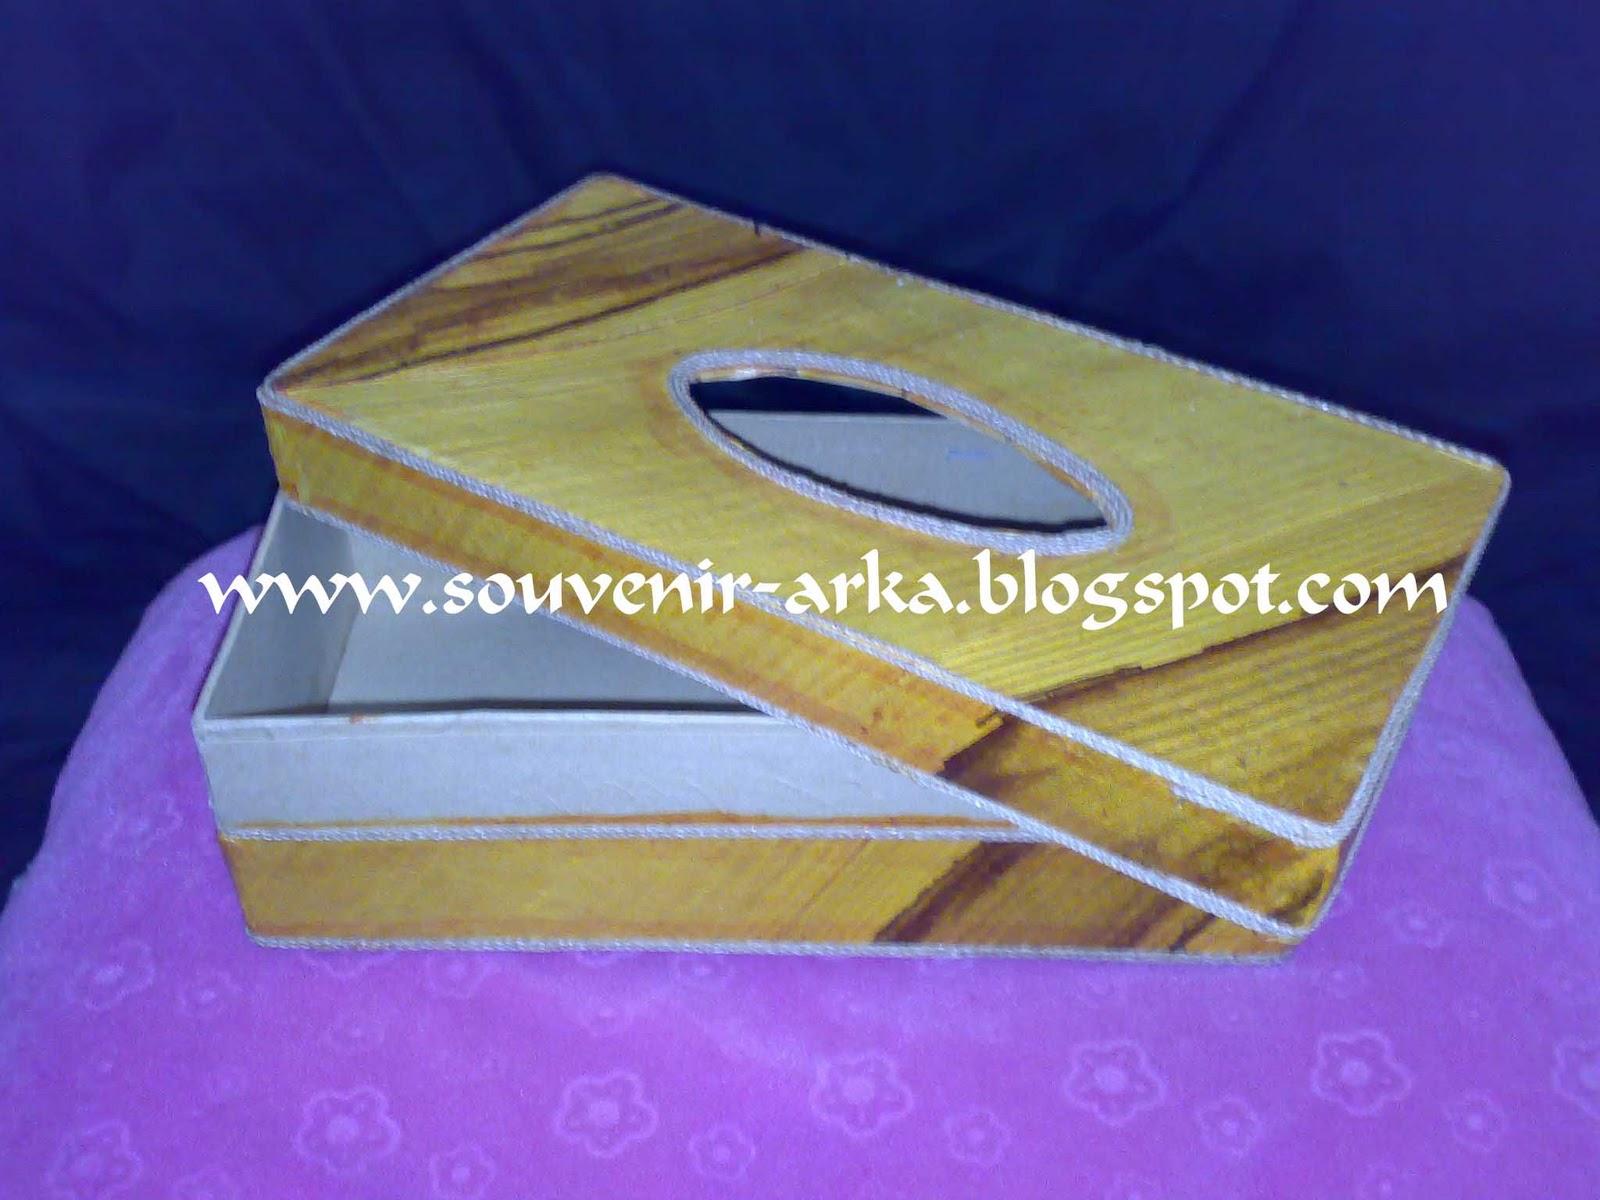 ... jpeg kotak tisu daun+ 2 jpg 1600 x 1200 538 kb jpeg kotak recycle jer